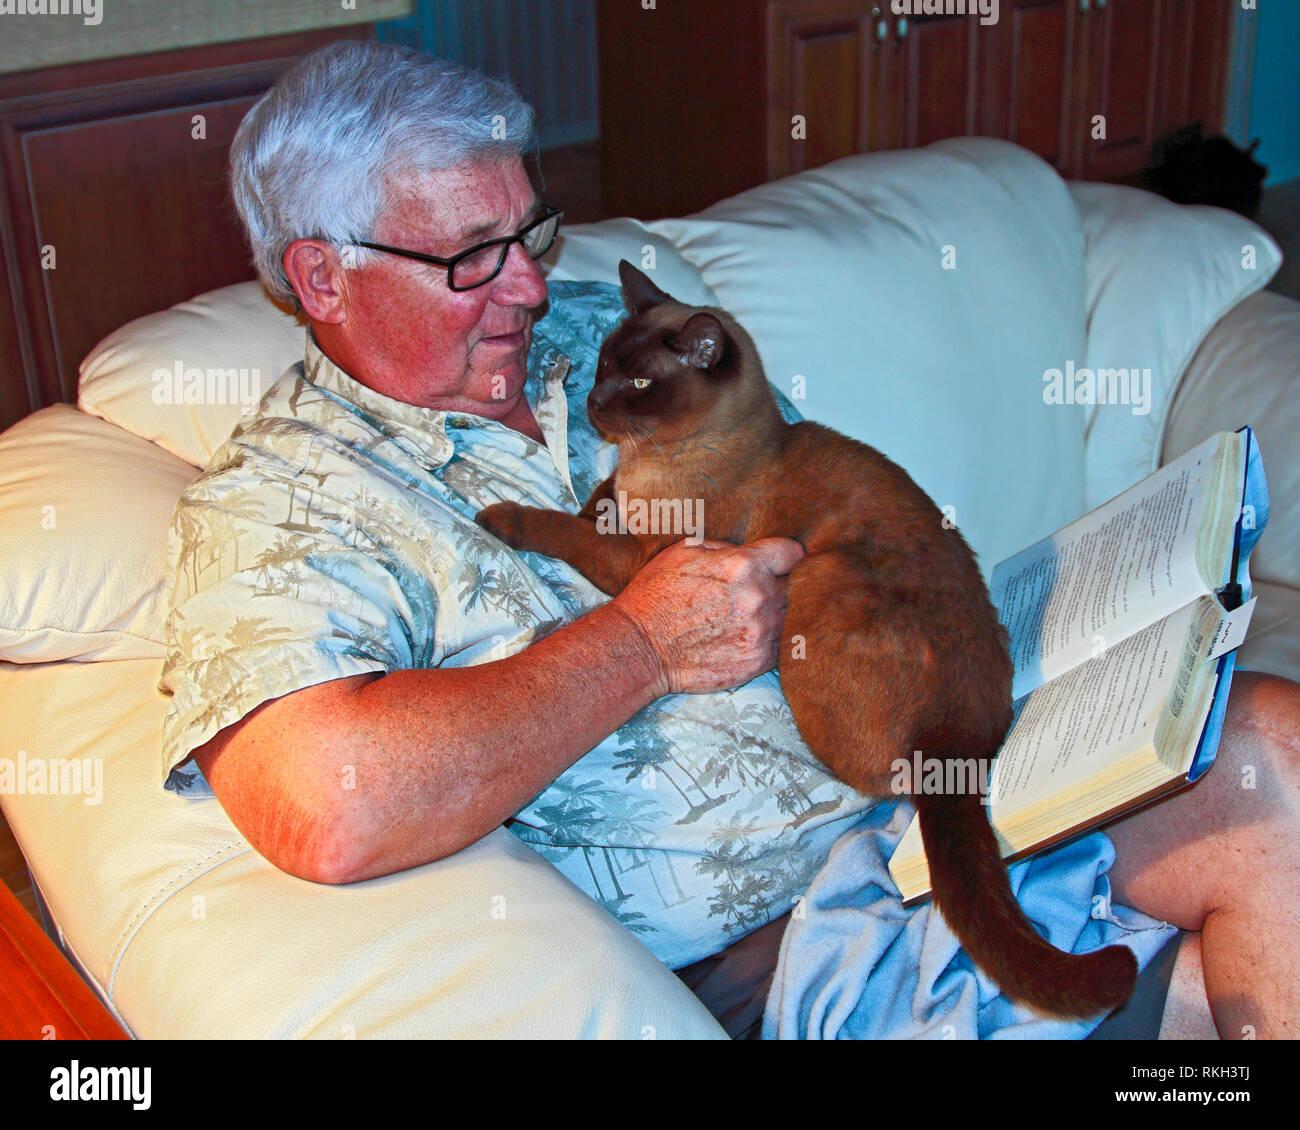 Mann lesen Buch; Katze auf der Brust, teilweise Blockierung; PET; Begleitung; Lampe Licht; Entspannend; rötlichen Teint, horizontal; MR, PR Stockbild